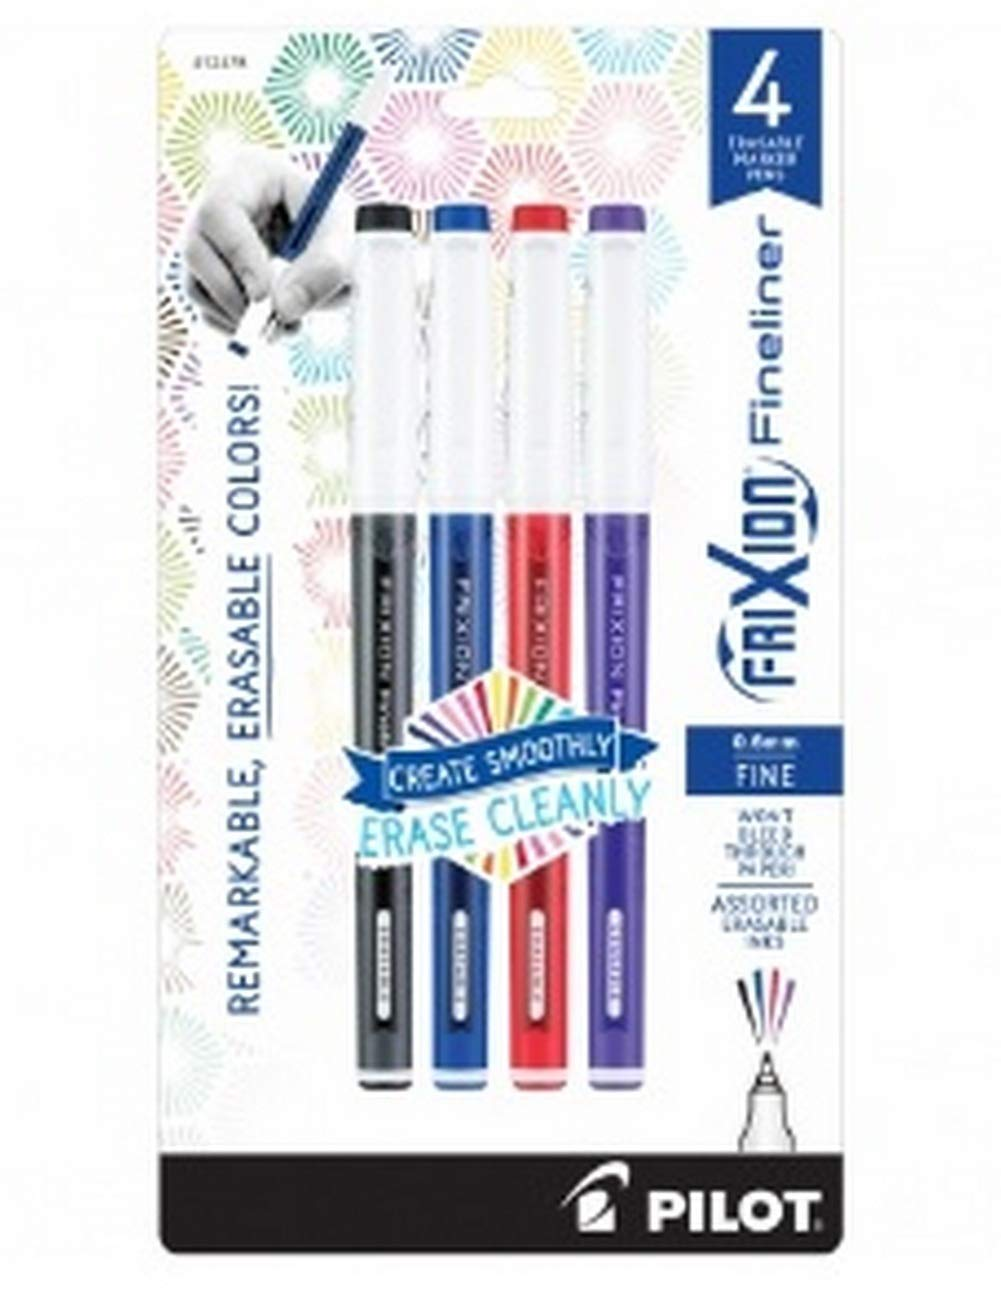 Pilot Frixion Fineliner Erasable Marker Pens, 4 pac [7Q86685N]